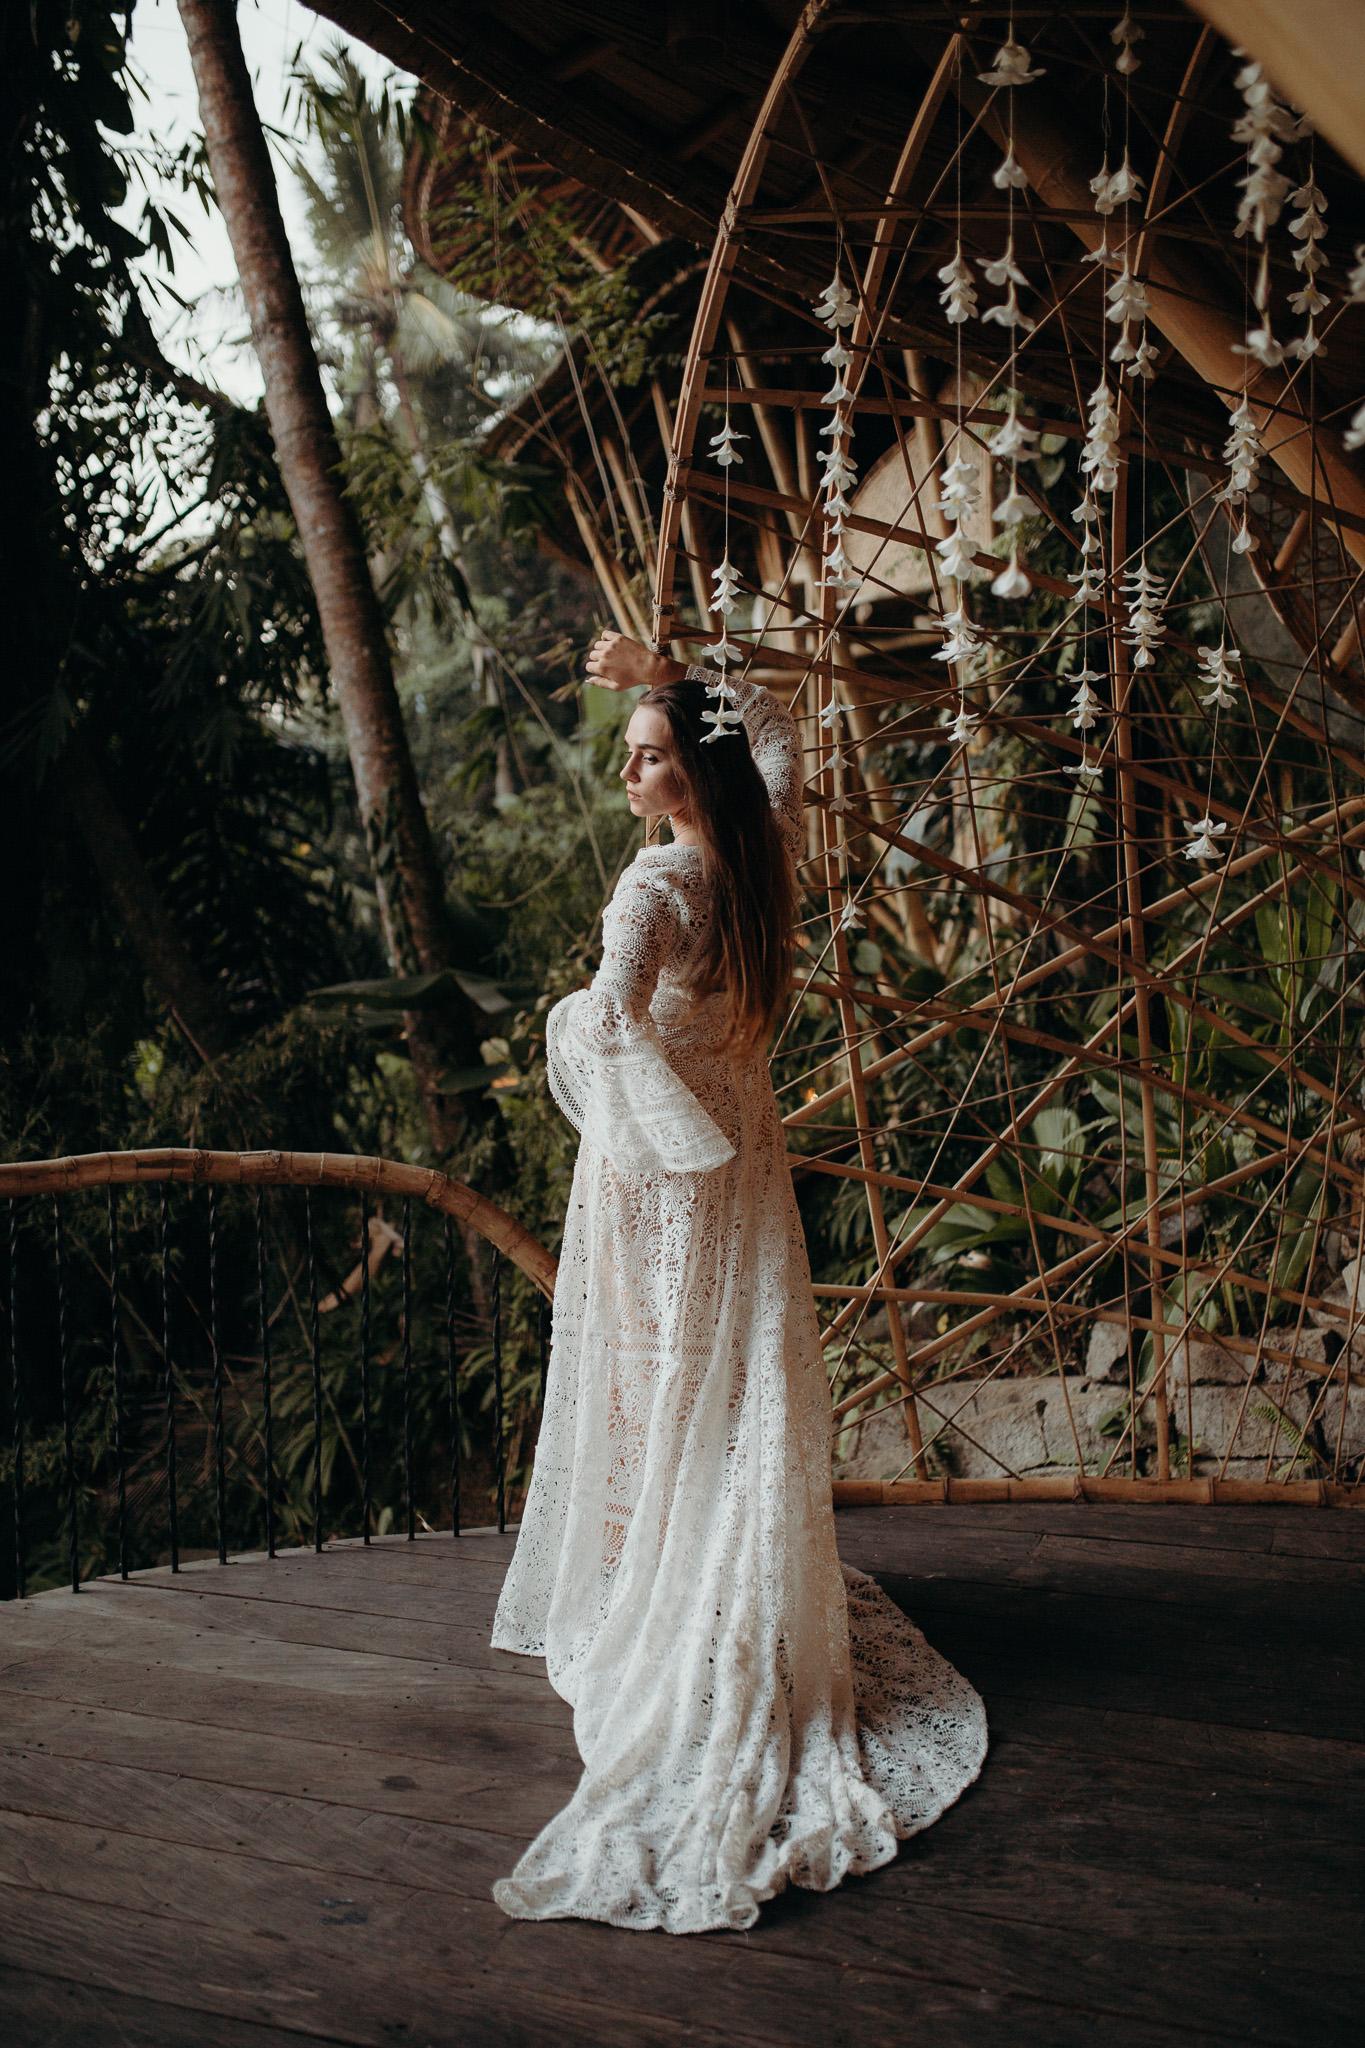 Jesse and Jessie Weddings Bali Destination Wedding Green Village Samantha stokes